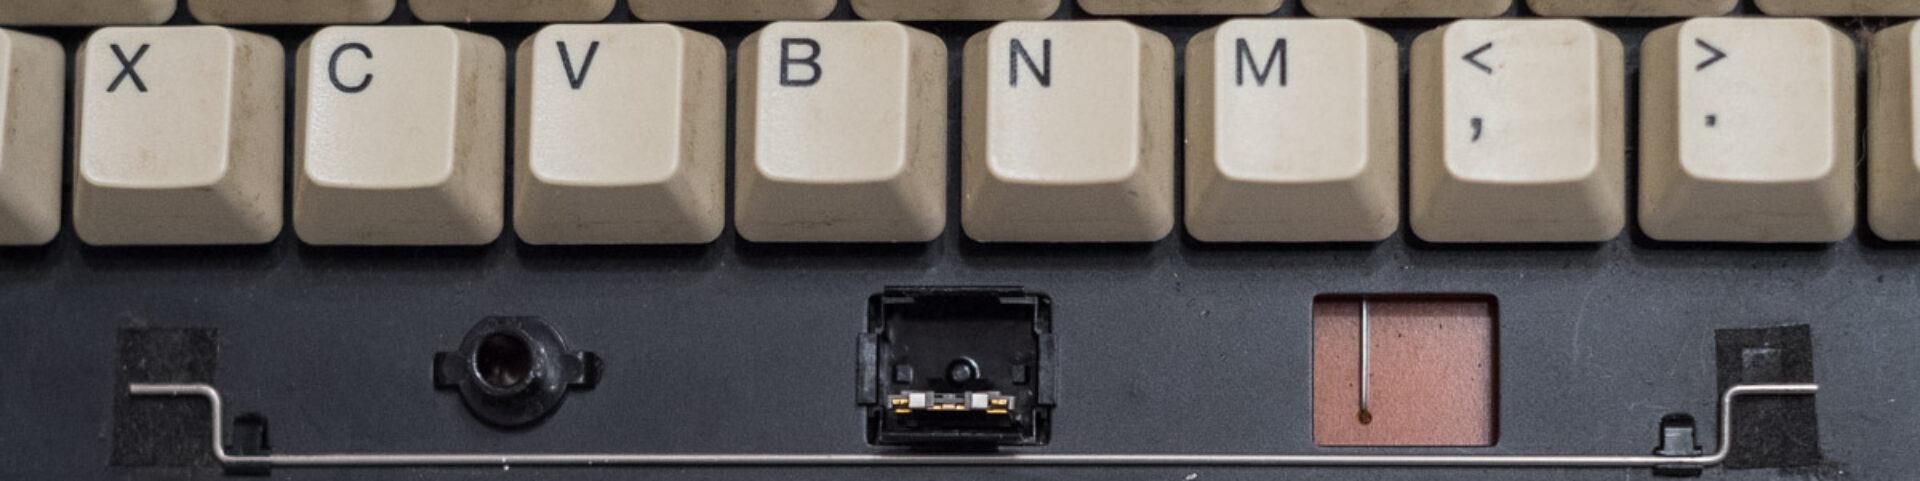 The Endgame Keyboard